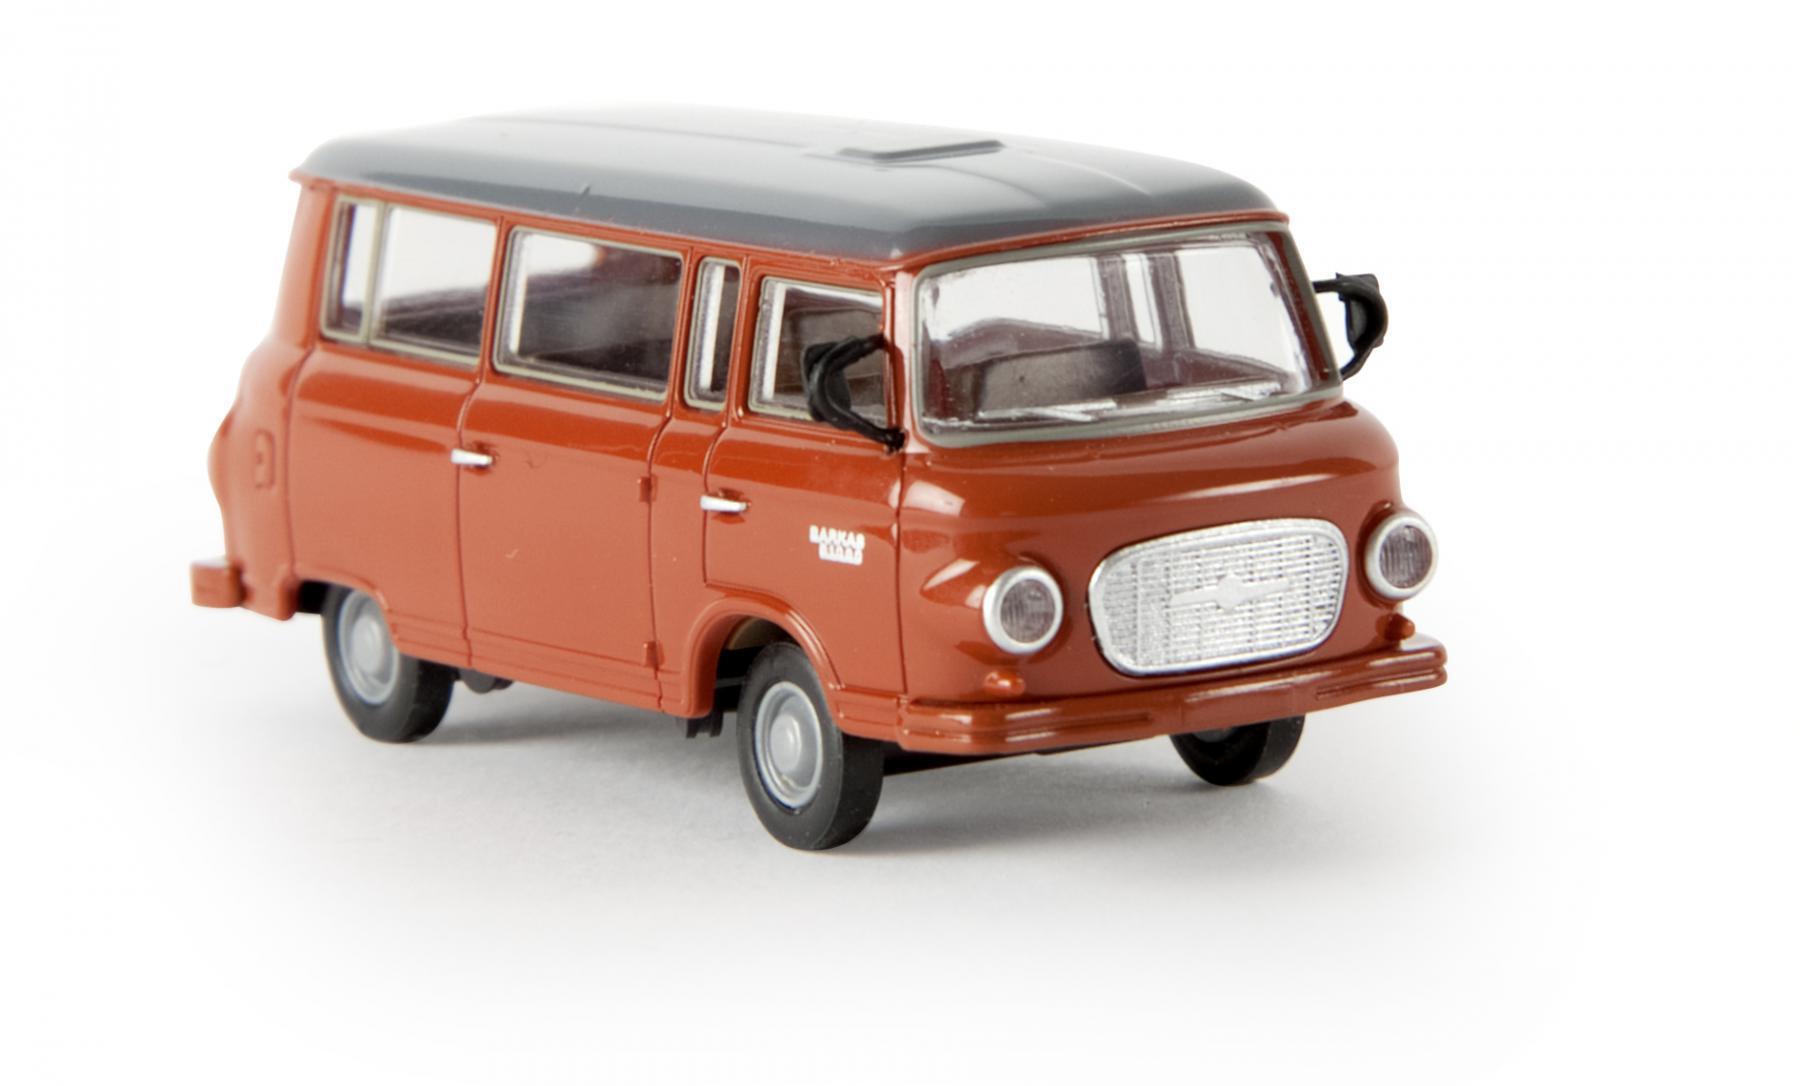 brekina 30040 barkas b1000 bus kaufen bei modelleisenbahnladen saase leuteritz gbr. Black Bedroom Furniture Sets. Home Design Ideas